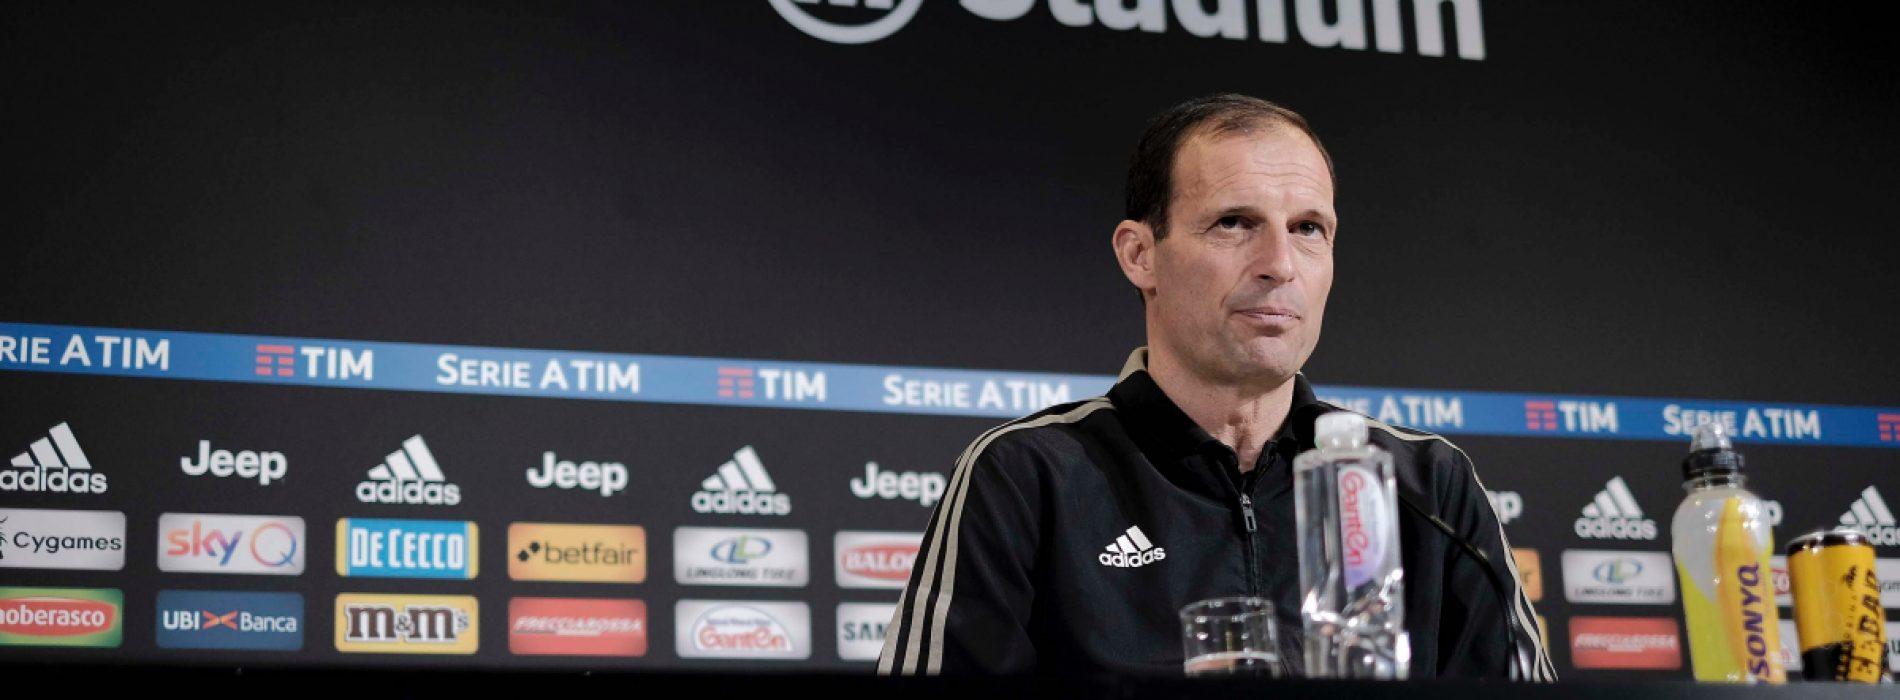 Oroscopo Massimiliano Allegri, l'allenatore manager